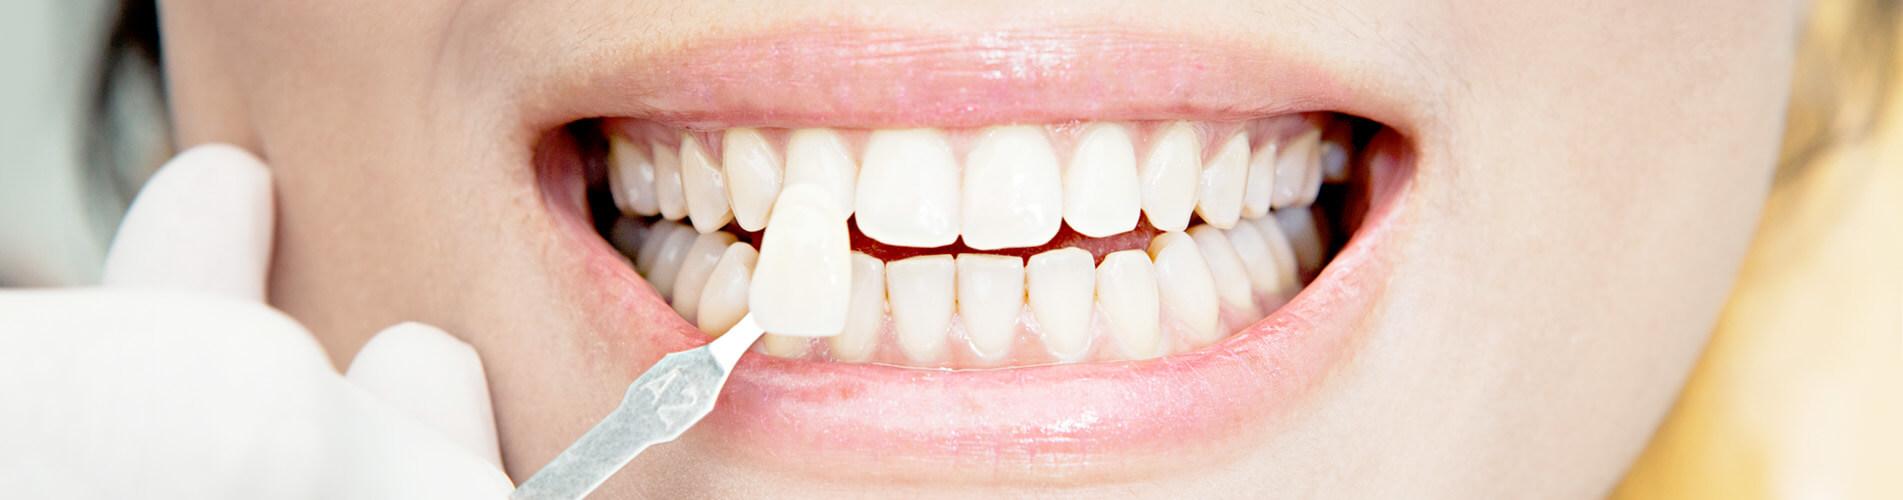 Зубосохраняющие операции в Алматы